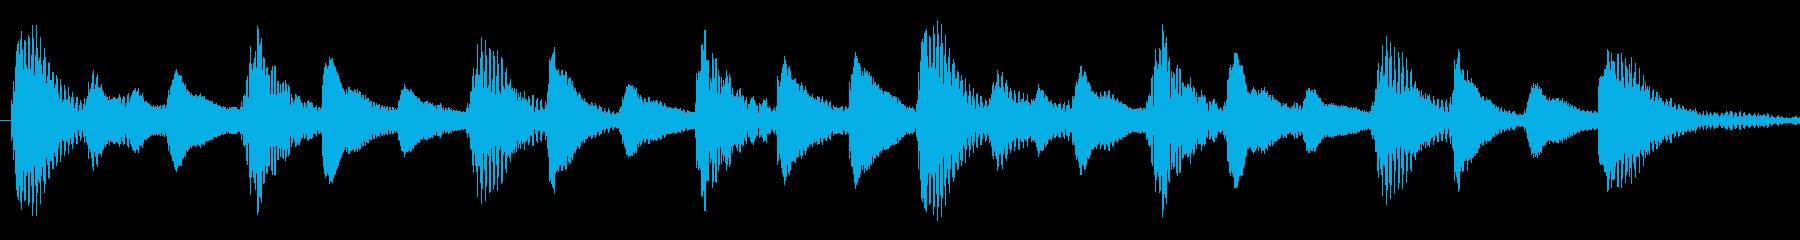 iPhone風マリンバ着信音の再生済みの波形